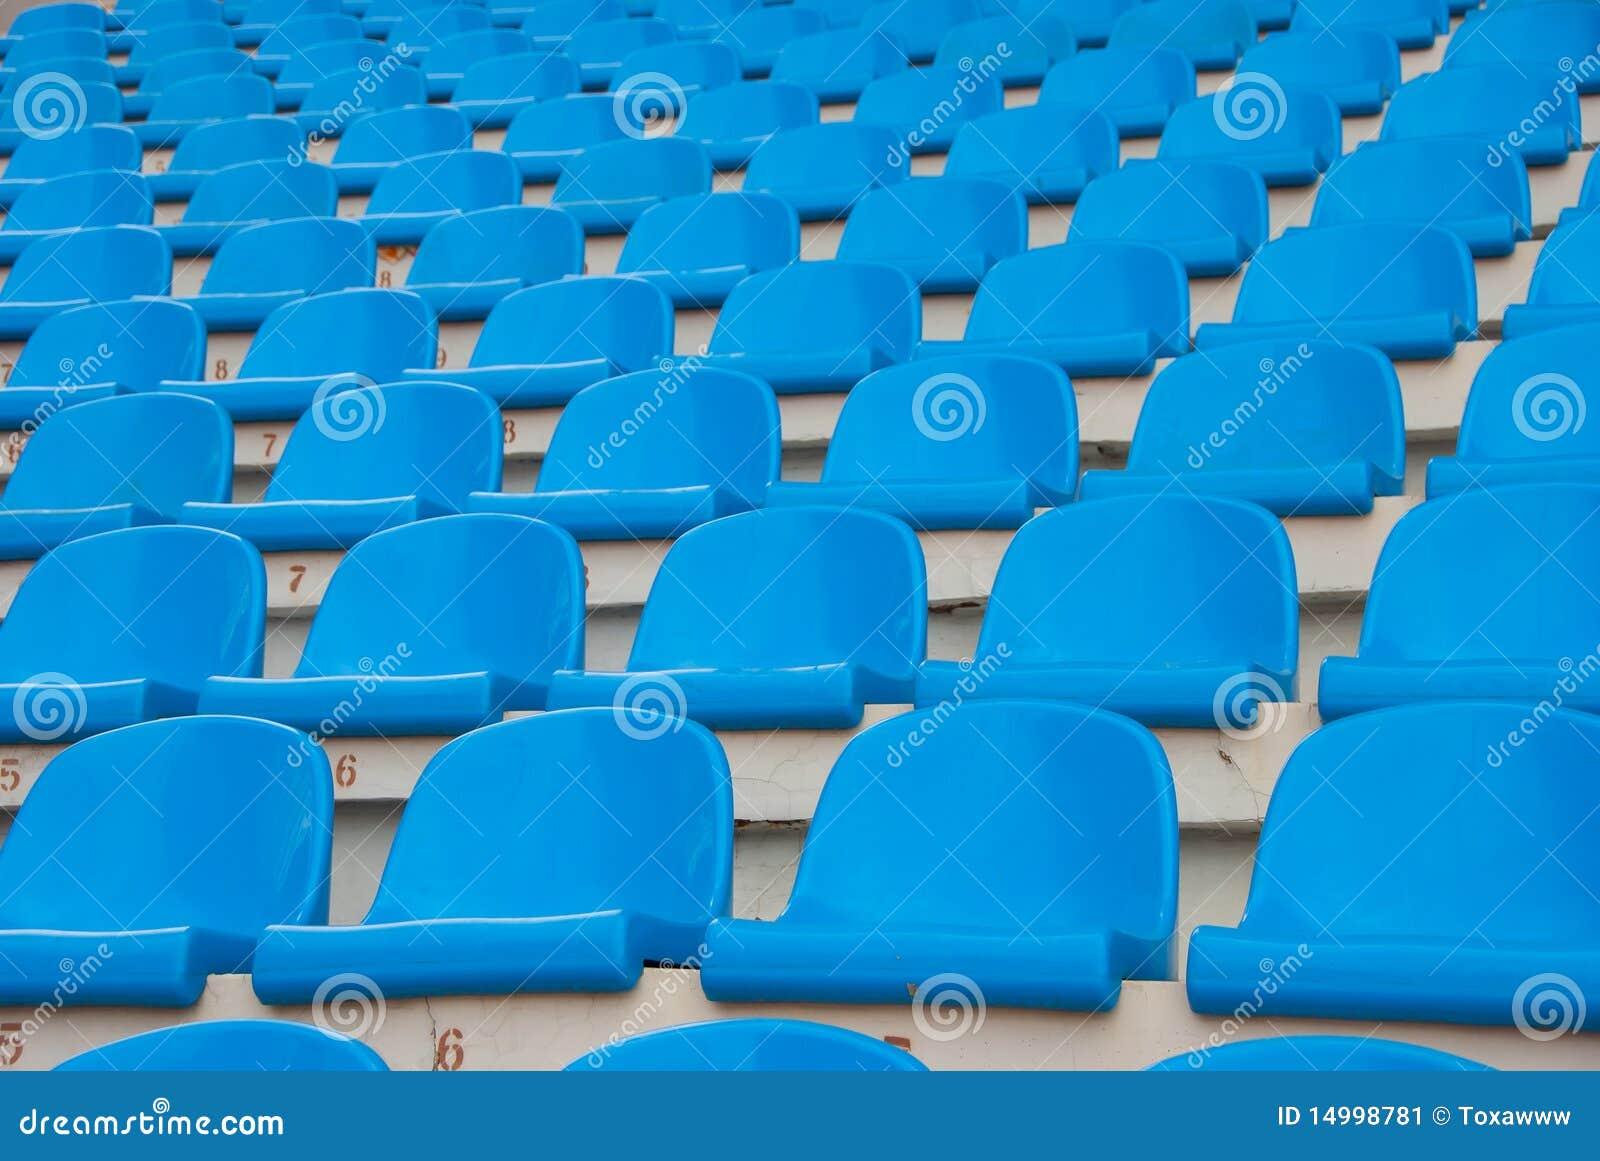 Assentos vazios azuis do estádio